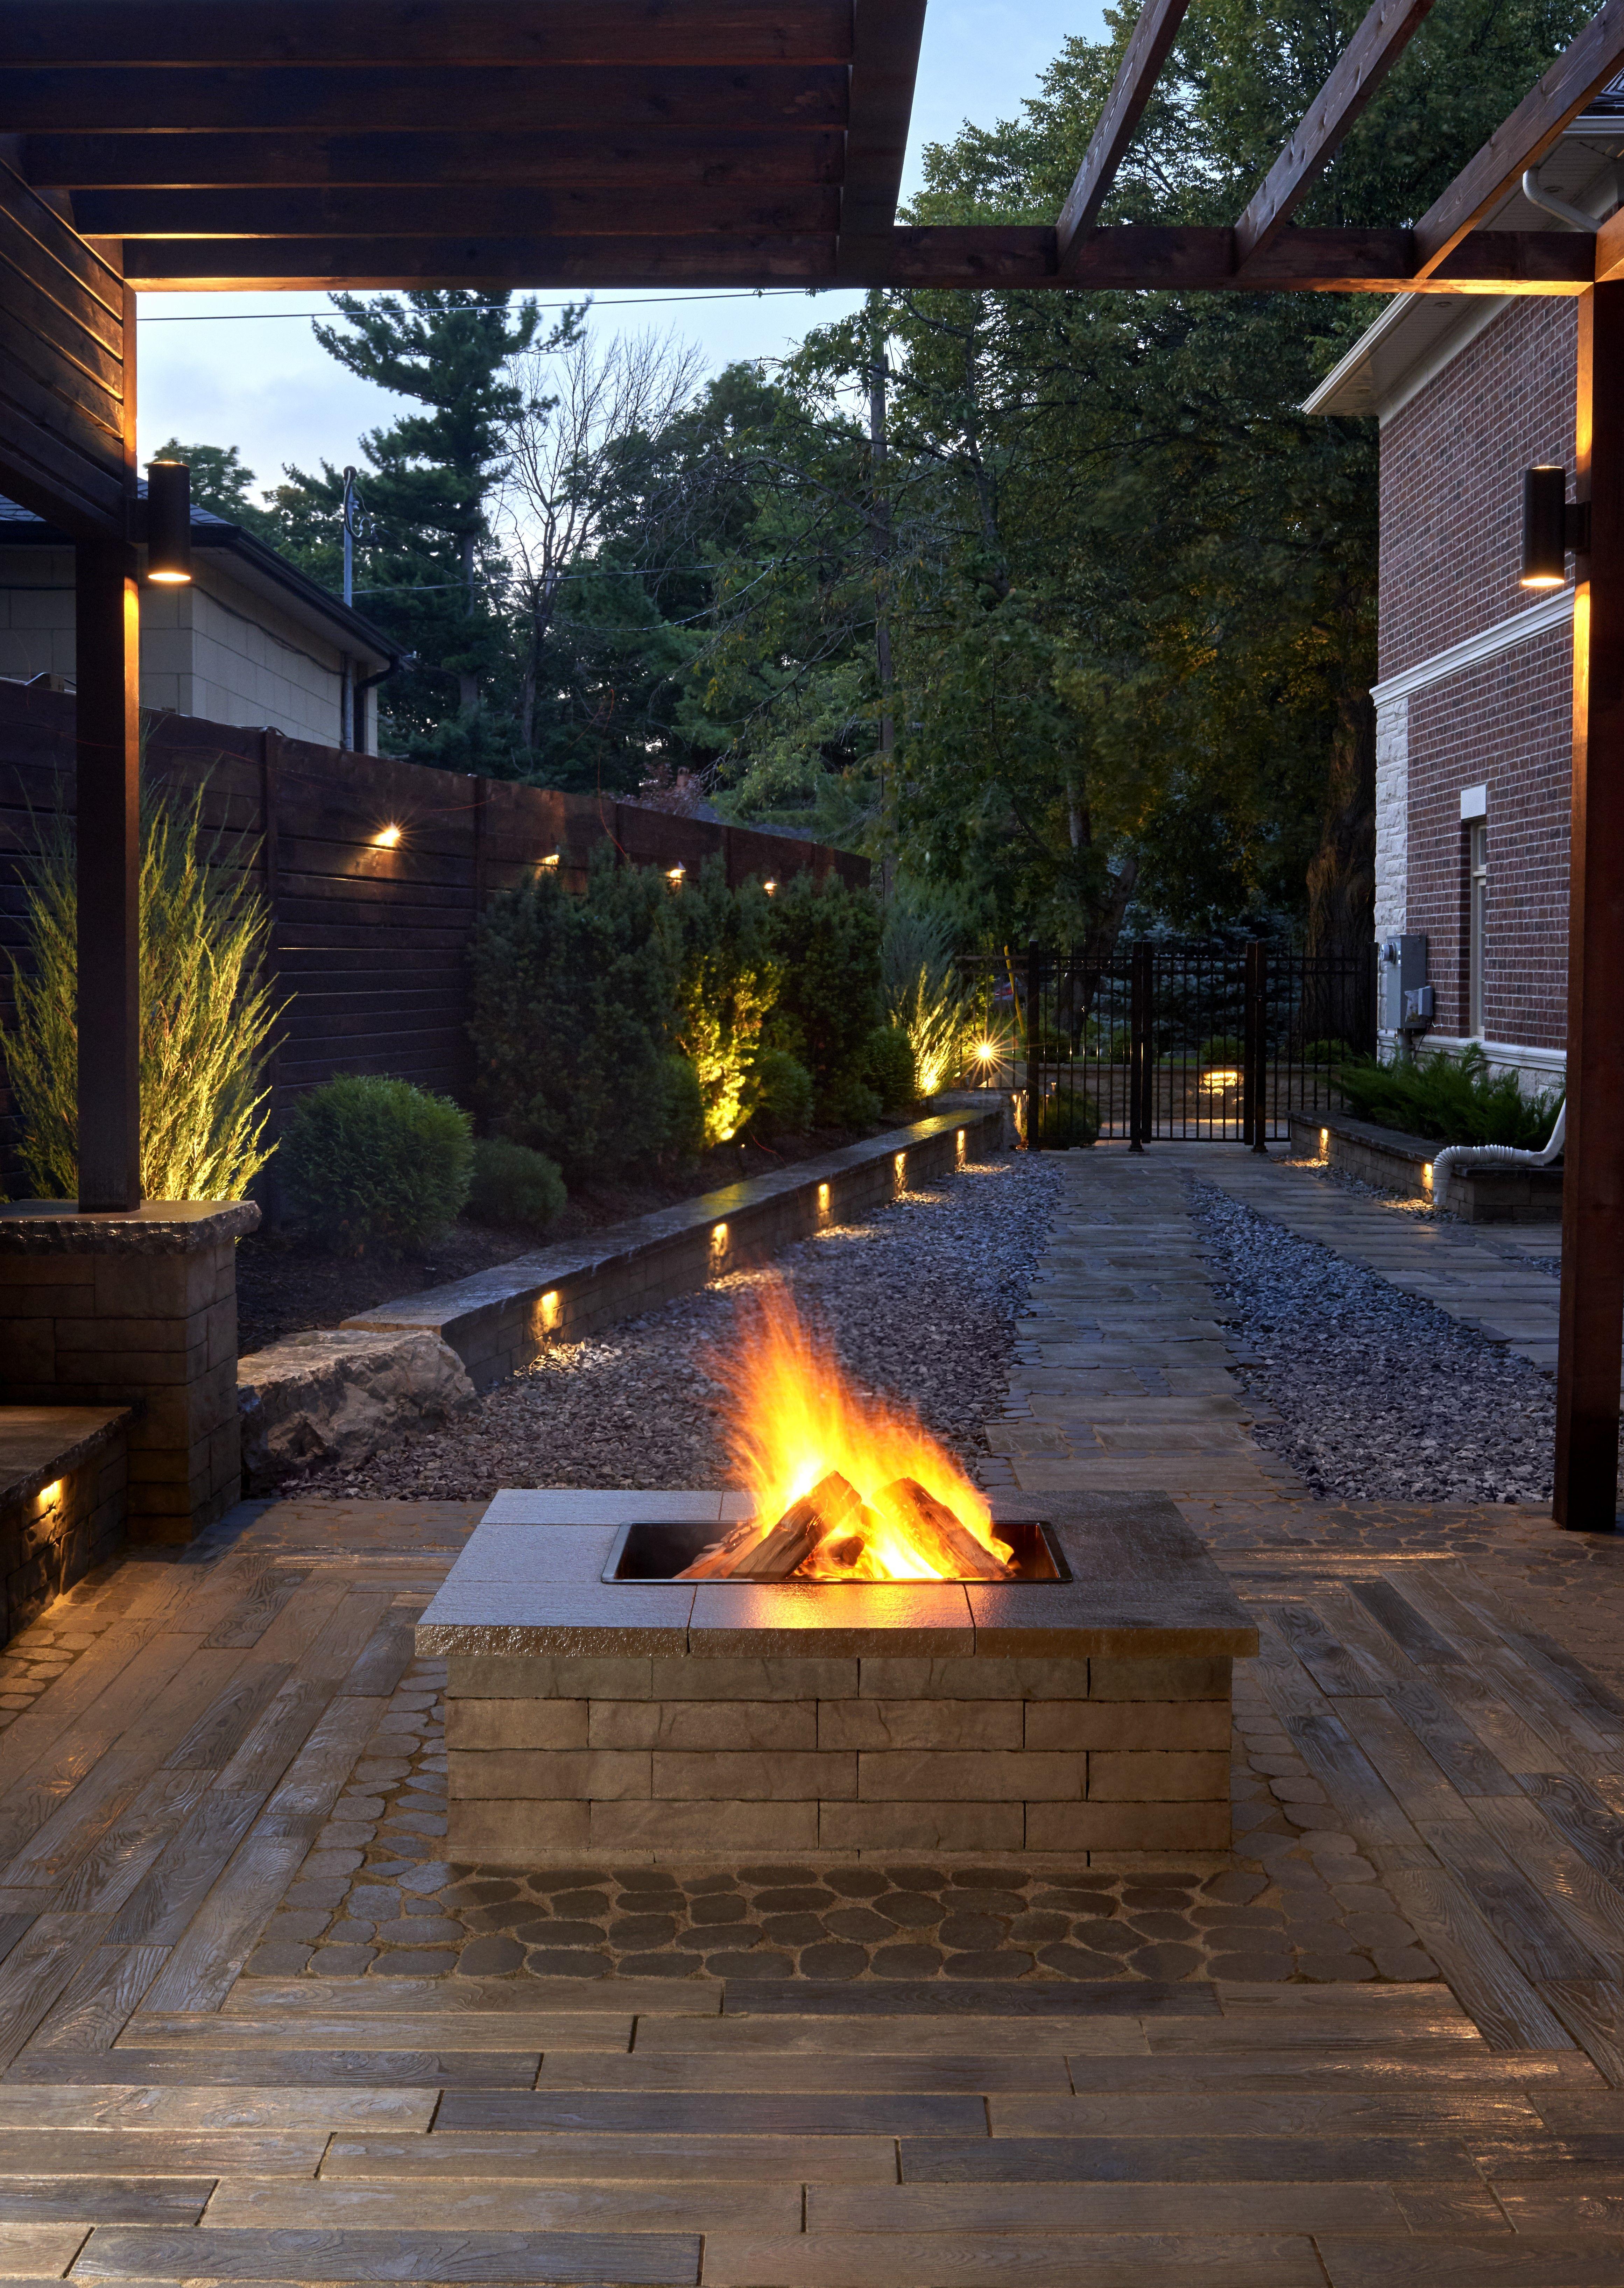 46 Beautiful Small Backyard Landscaping Ideas Spaciroom Com Backyard Layout Small Backyard Patio Narrow Backyard Ideas